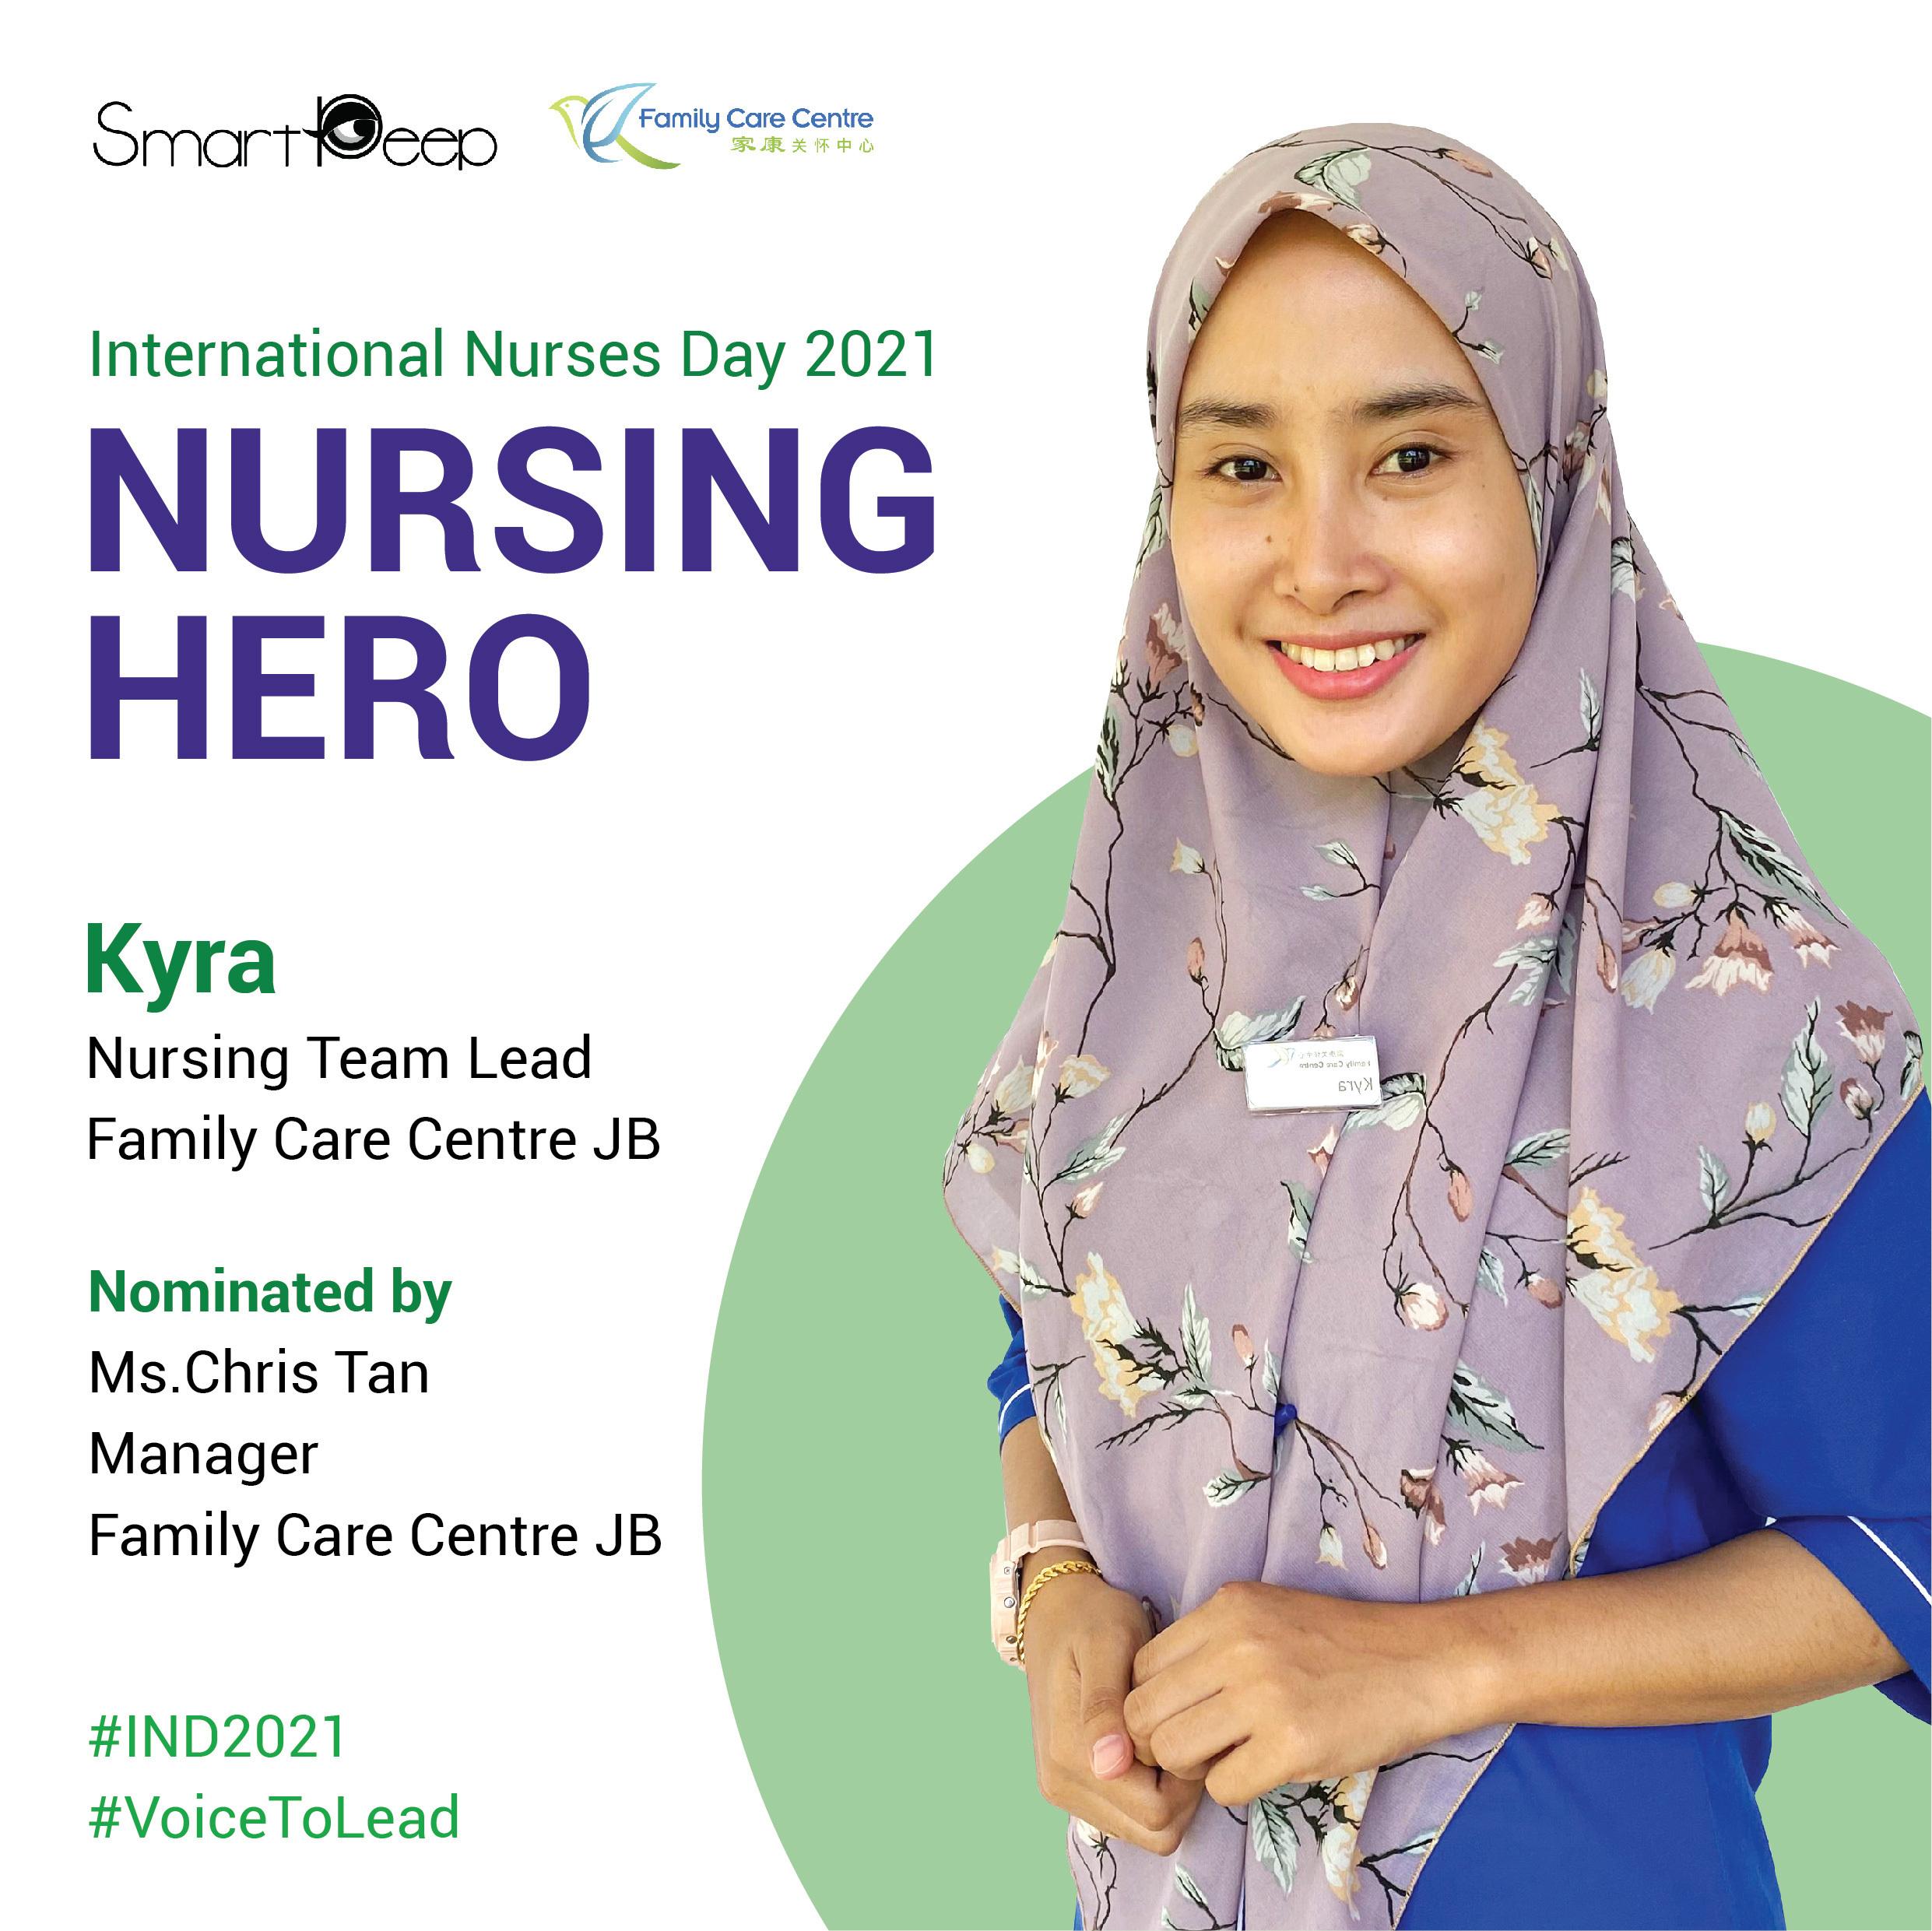 Introducing the Nursing Hero for International Nurses Day 2021:  Ms.Kyra from FCCJB